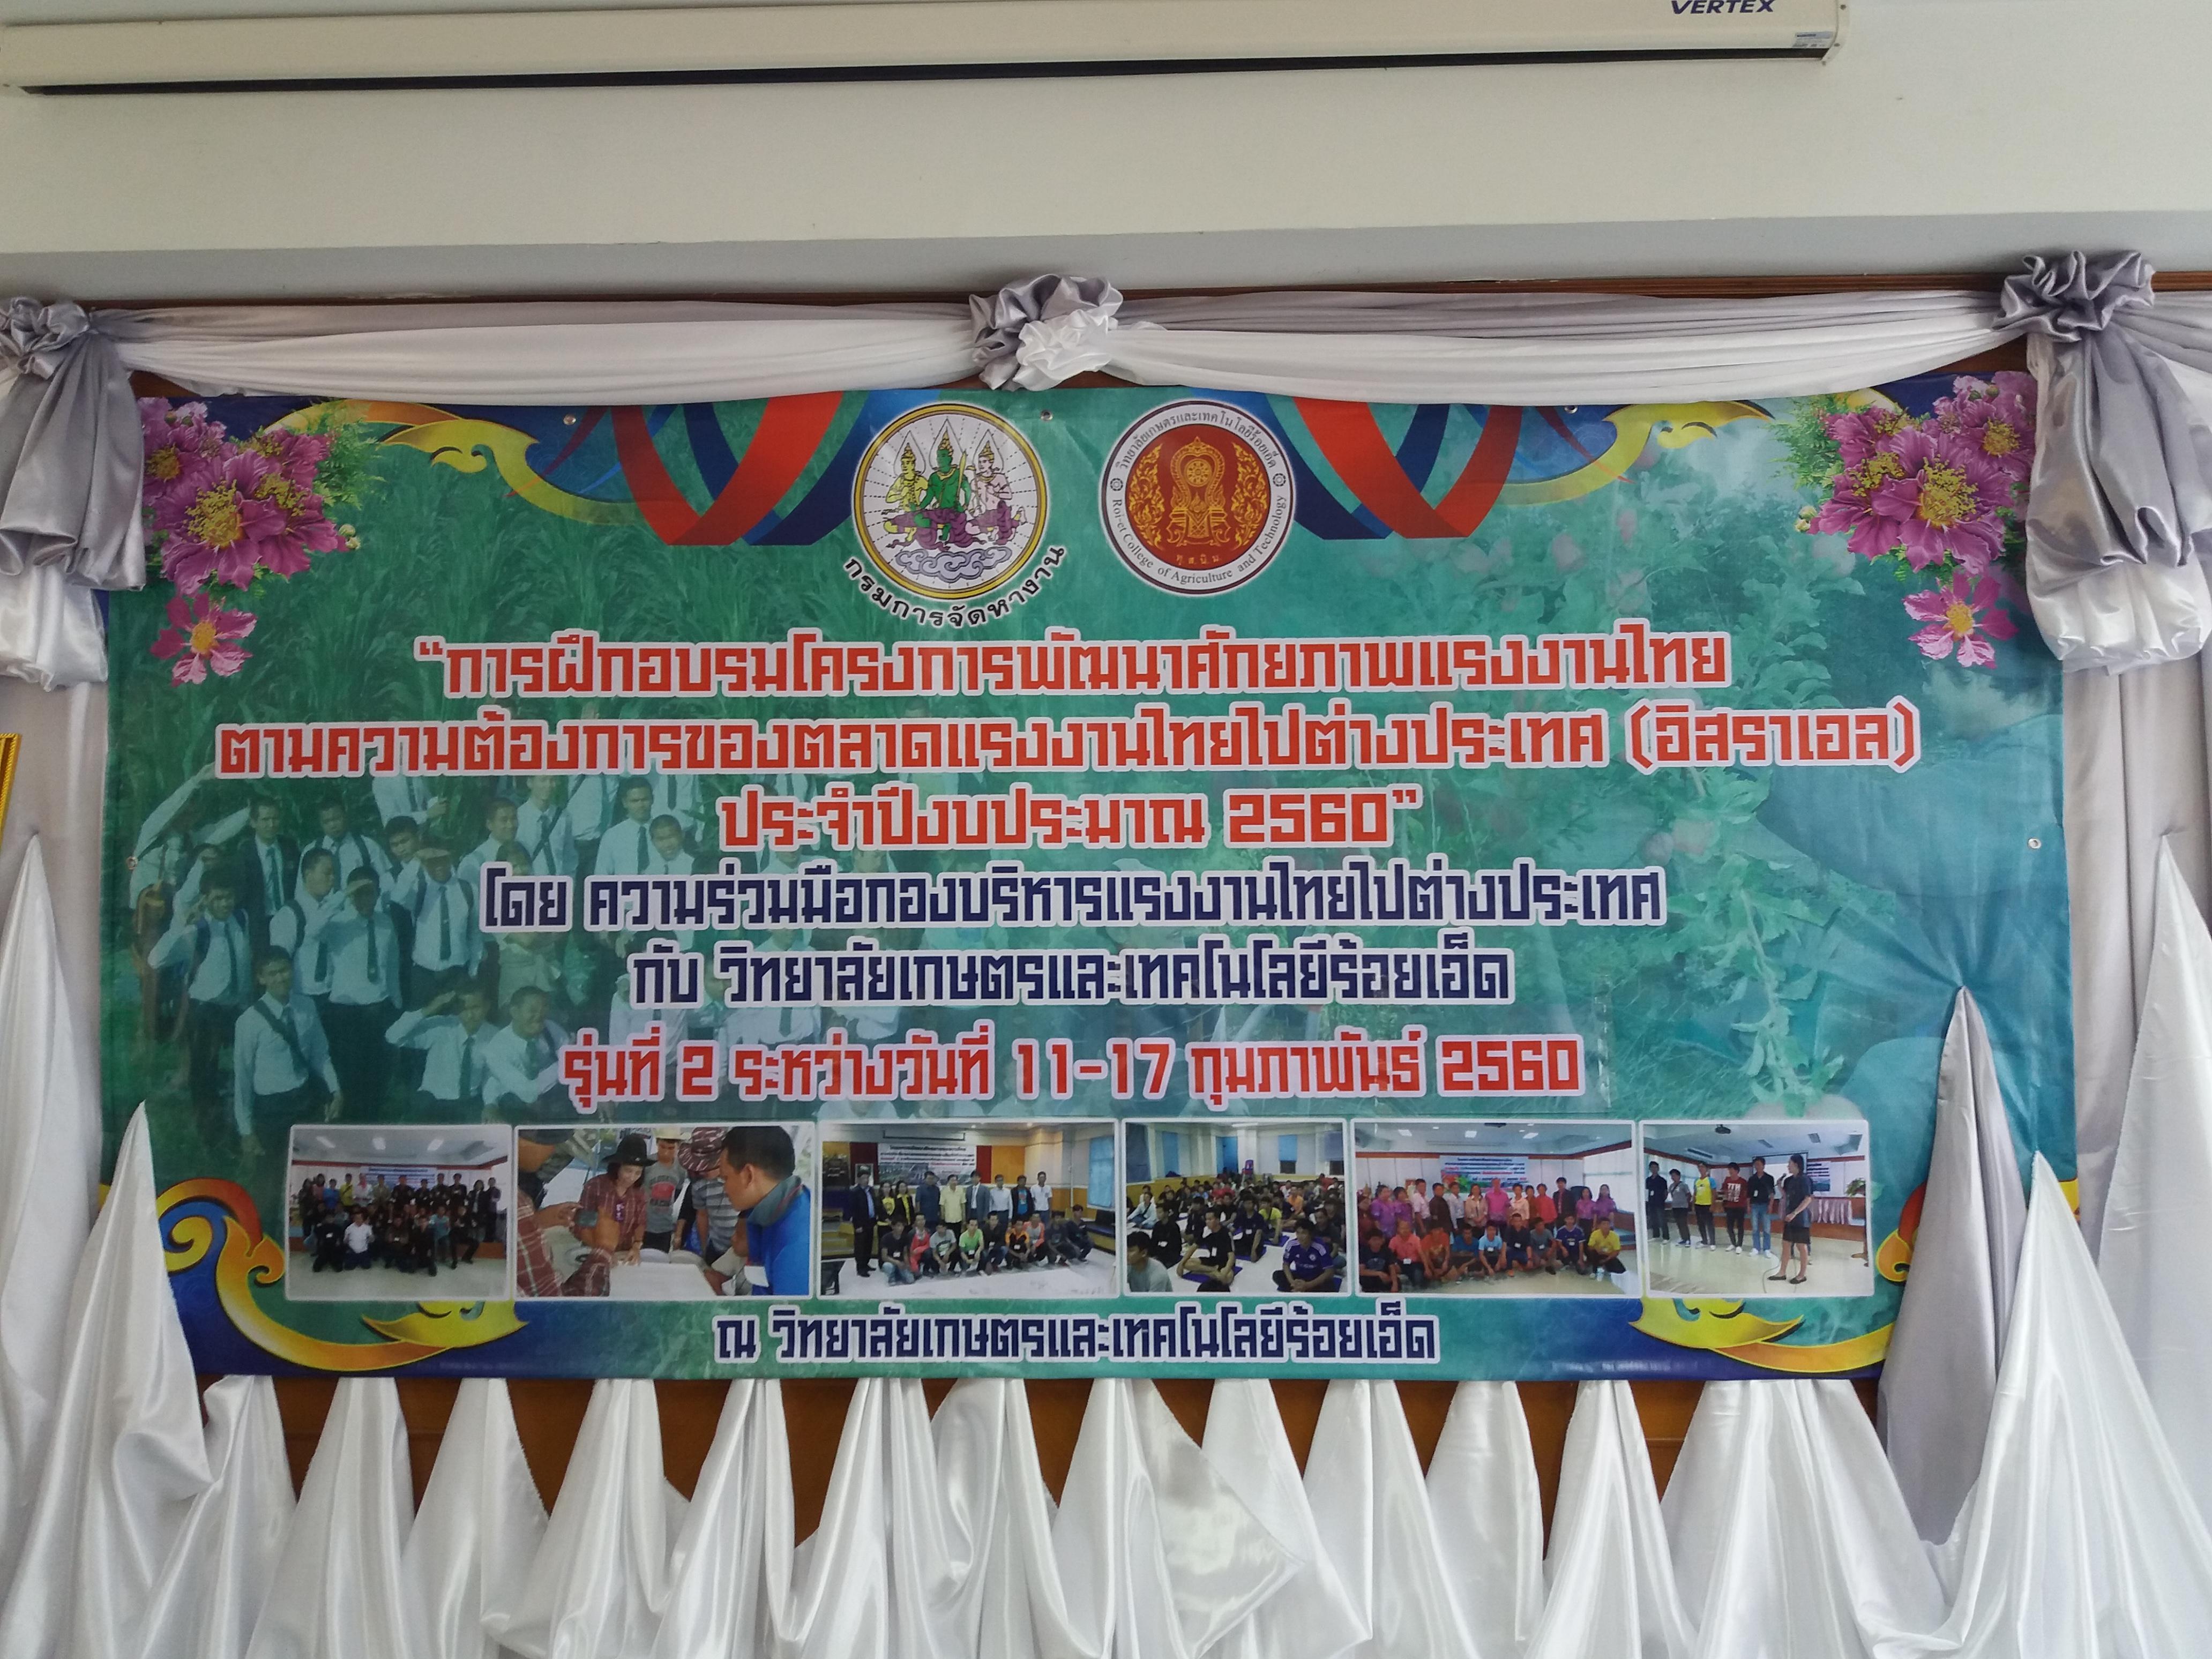 การฝึกอบรมโครงการพัฒนาศักยภาพแรงงานไทยตามความต้องการของตลาดแรงงานไทยไปต่างประเทศ(อิสราเอล)